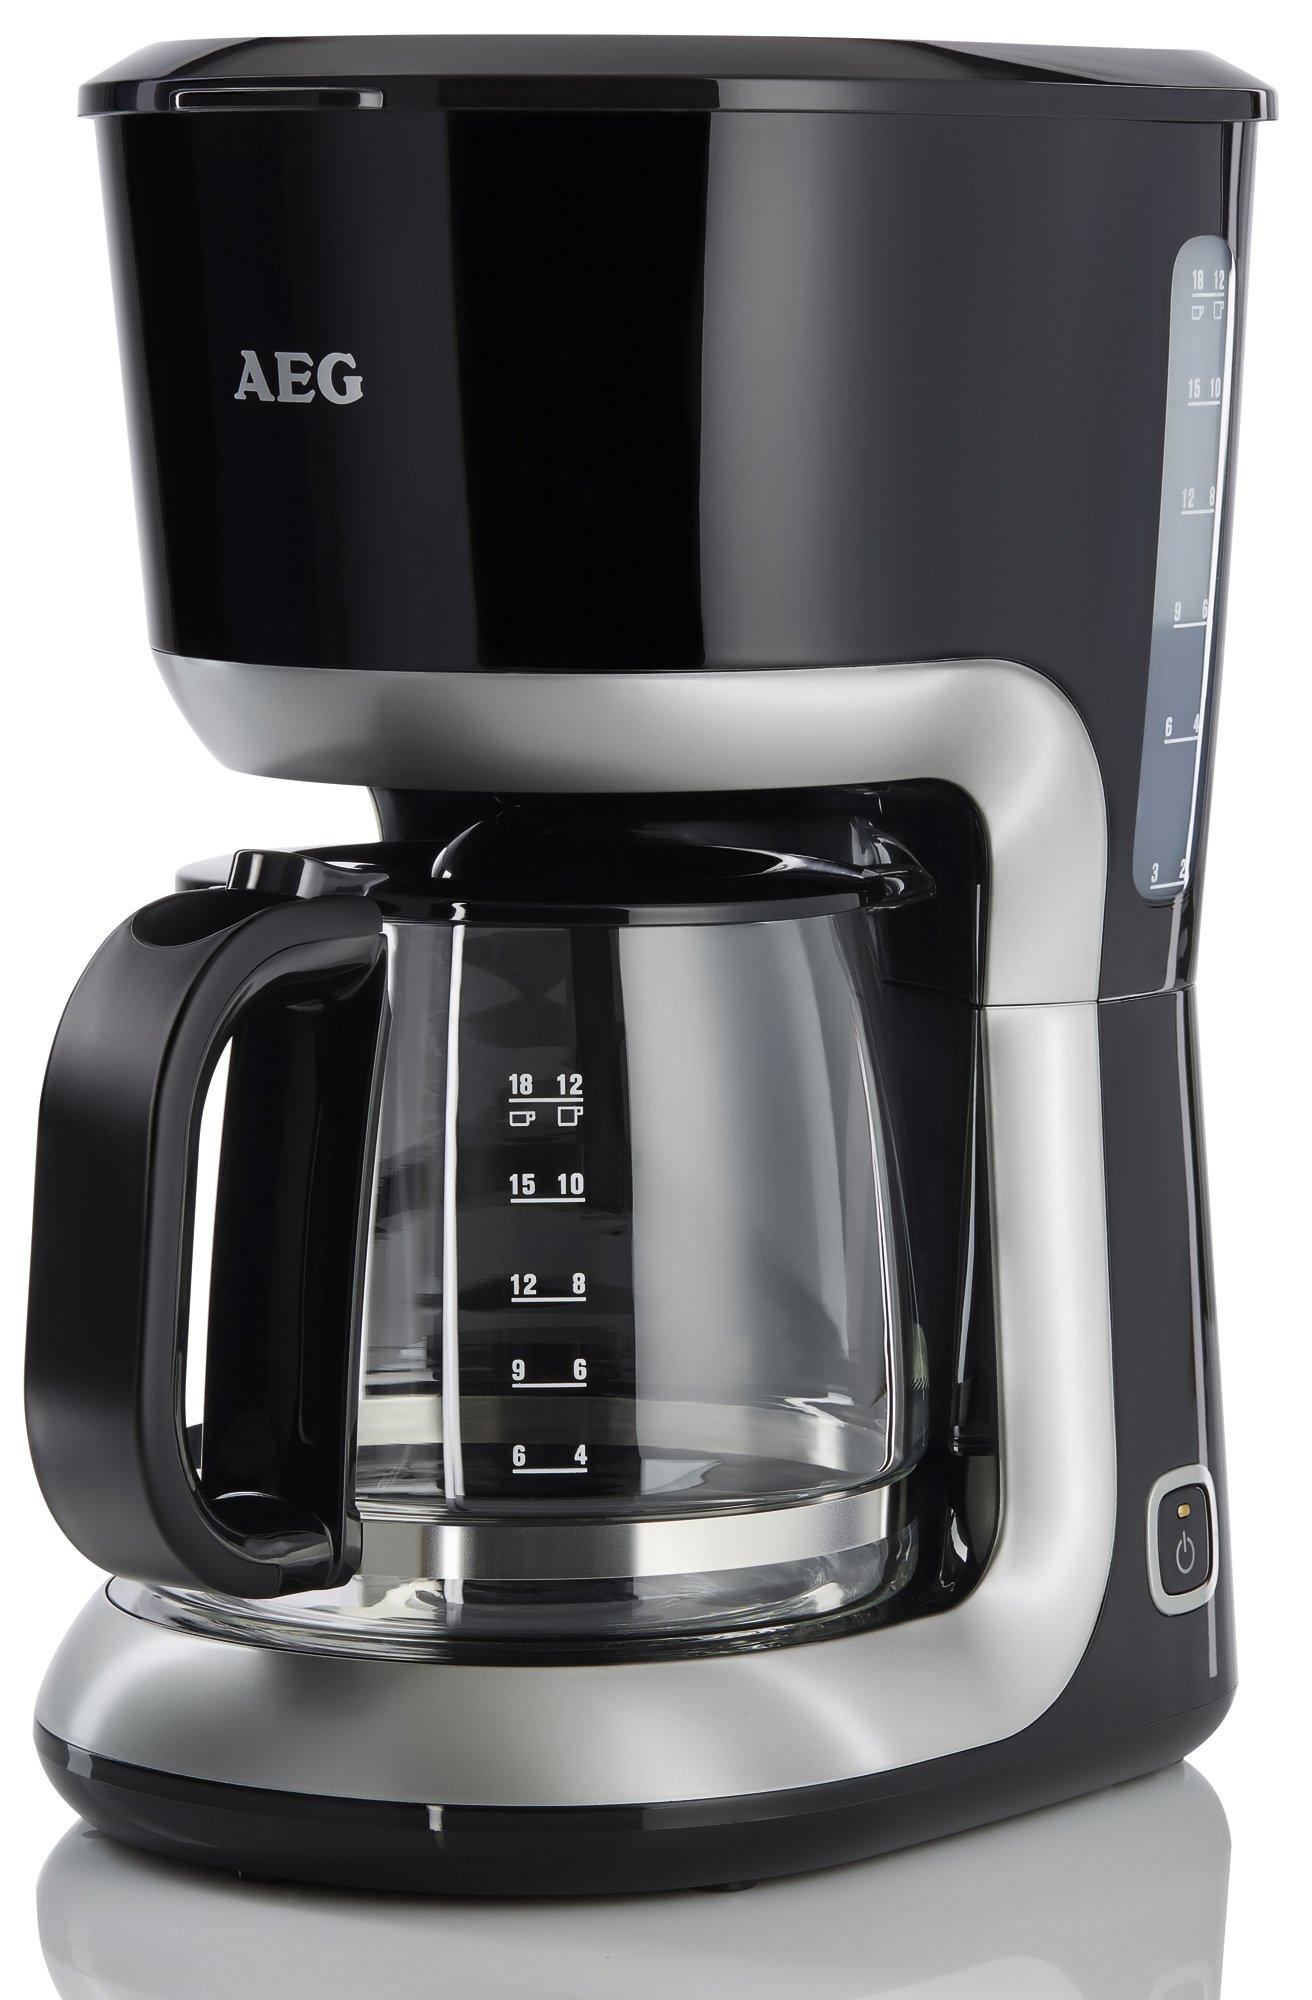 AEG-PerfectMorning-EWA3300-Wasserkocher-2200-Watt-17-Liter-beidseitige-Wasserstandsanzeige-entnehmbarer-und-abwaschbarer-Kalkfilter-tropffreier-Ausguss-Abschaltautomatik-BPA-frei-Schwarz